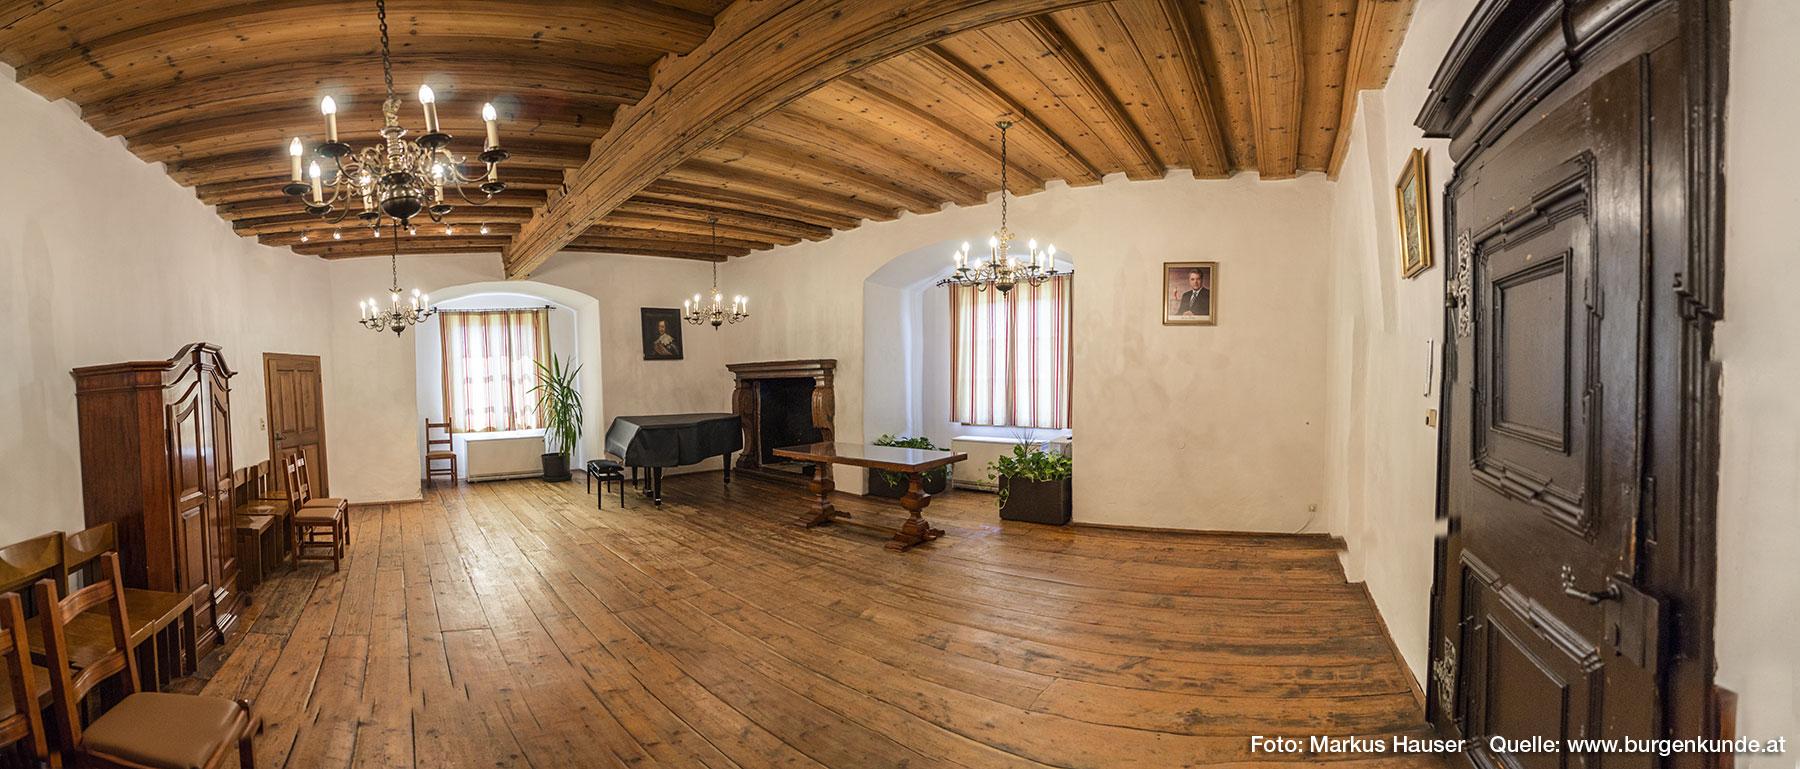 Der Trauungssaal im Schloss Pragstein dient heute als stimmungsvolles Ambiente für Events und besonders Hochzeiten.